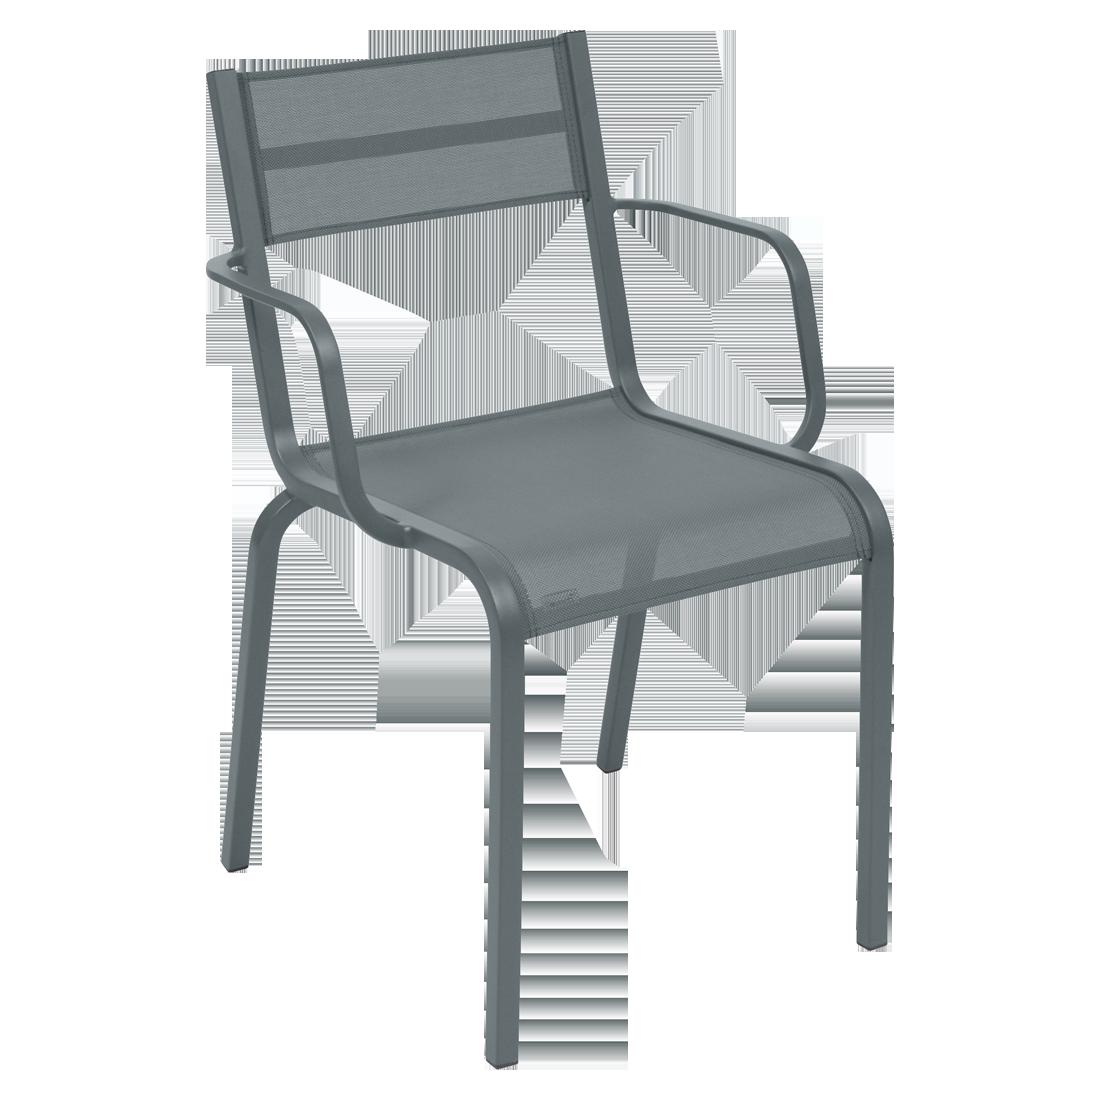 chaise fermob, chaise en toile, chaise de jardin, chaise de jardin en toile, chaise terrasse en toile, chaise fermob en toile, fauteuil oleron, chaise en toile grise